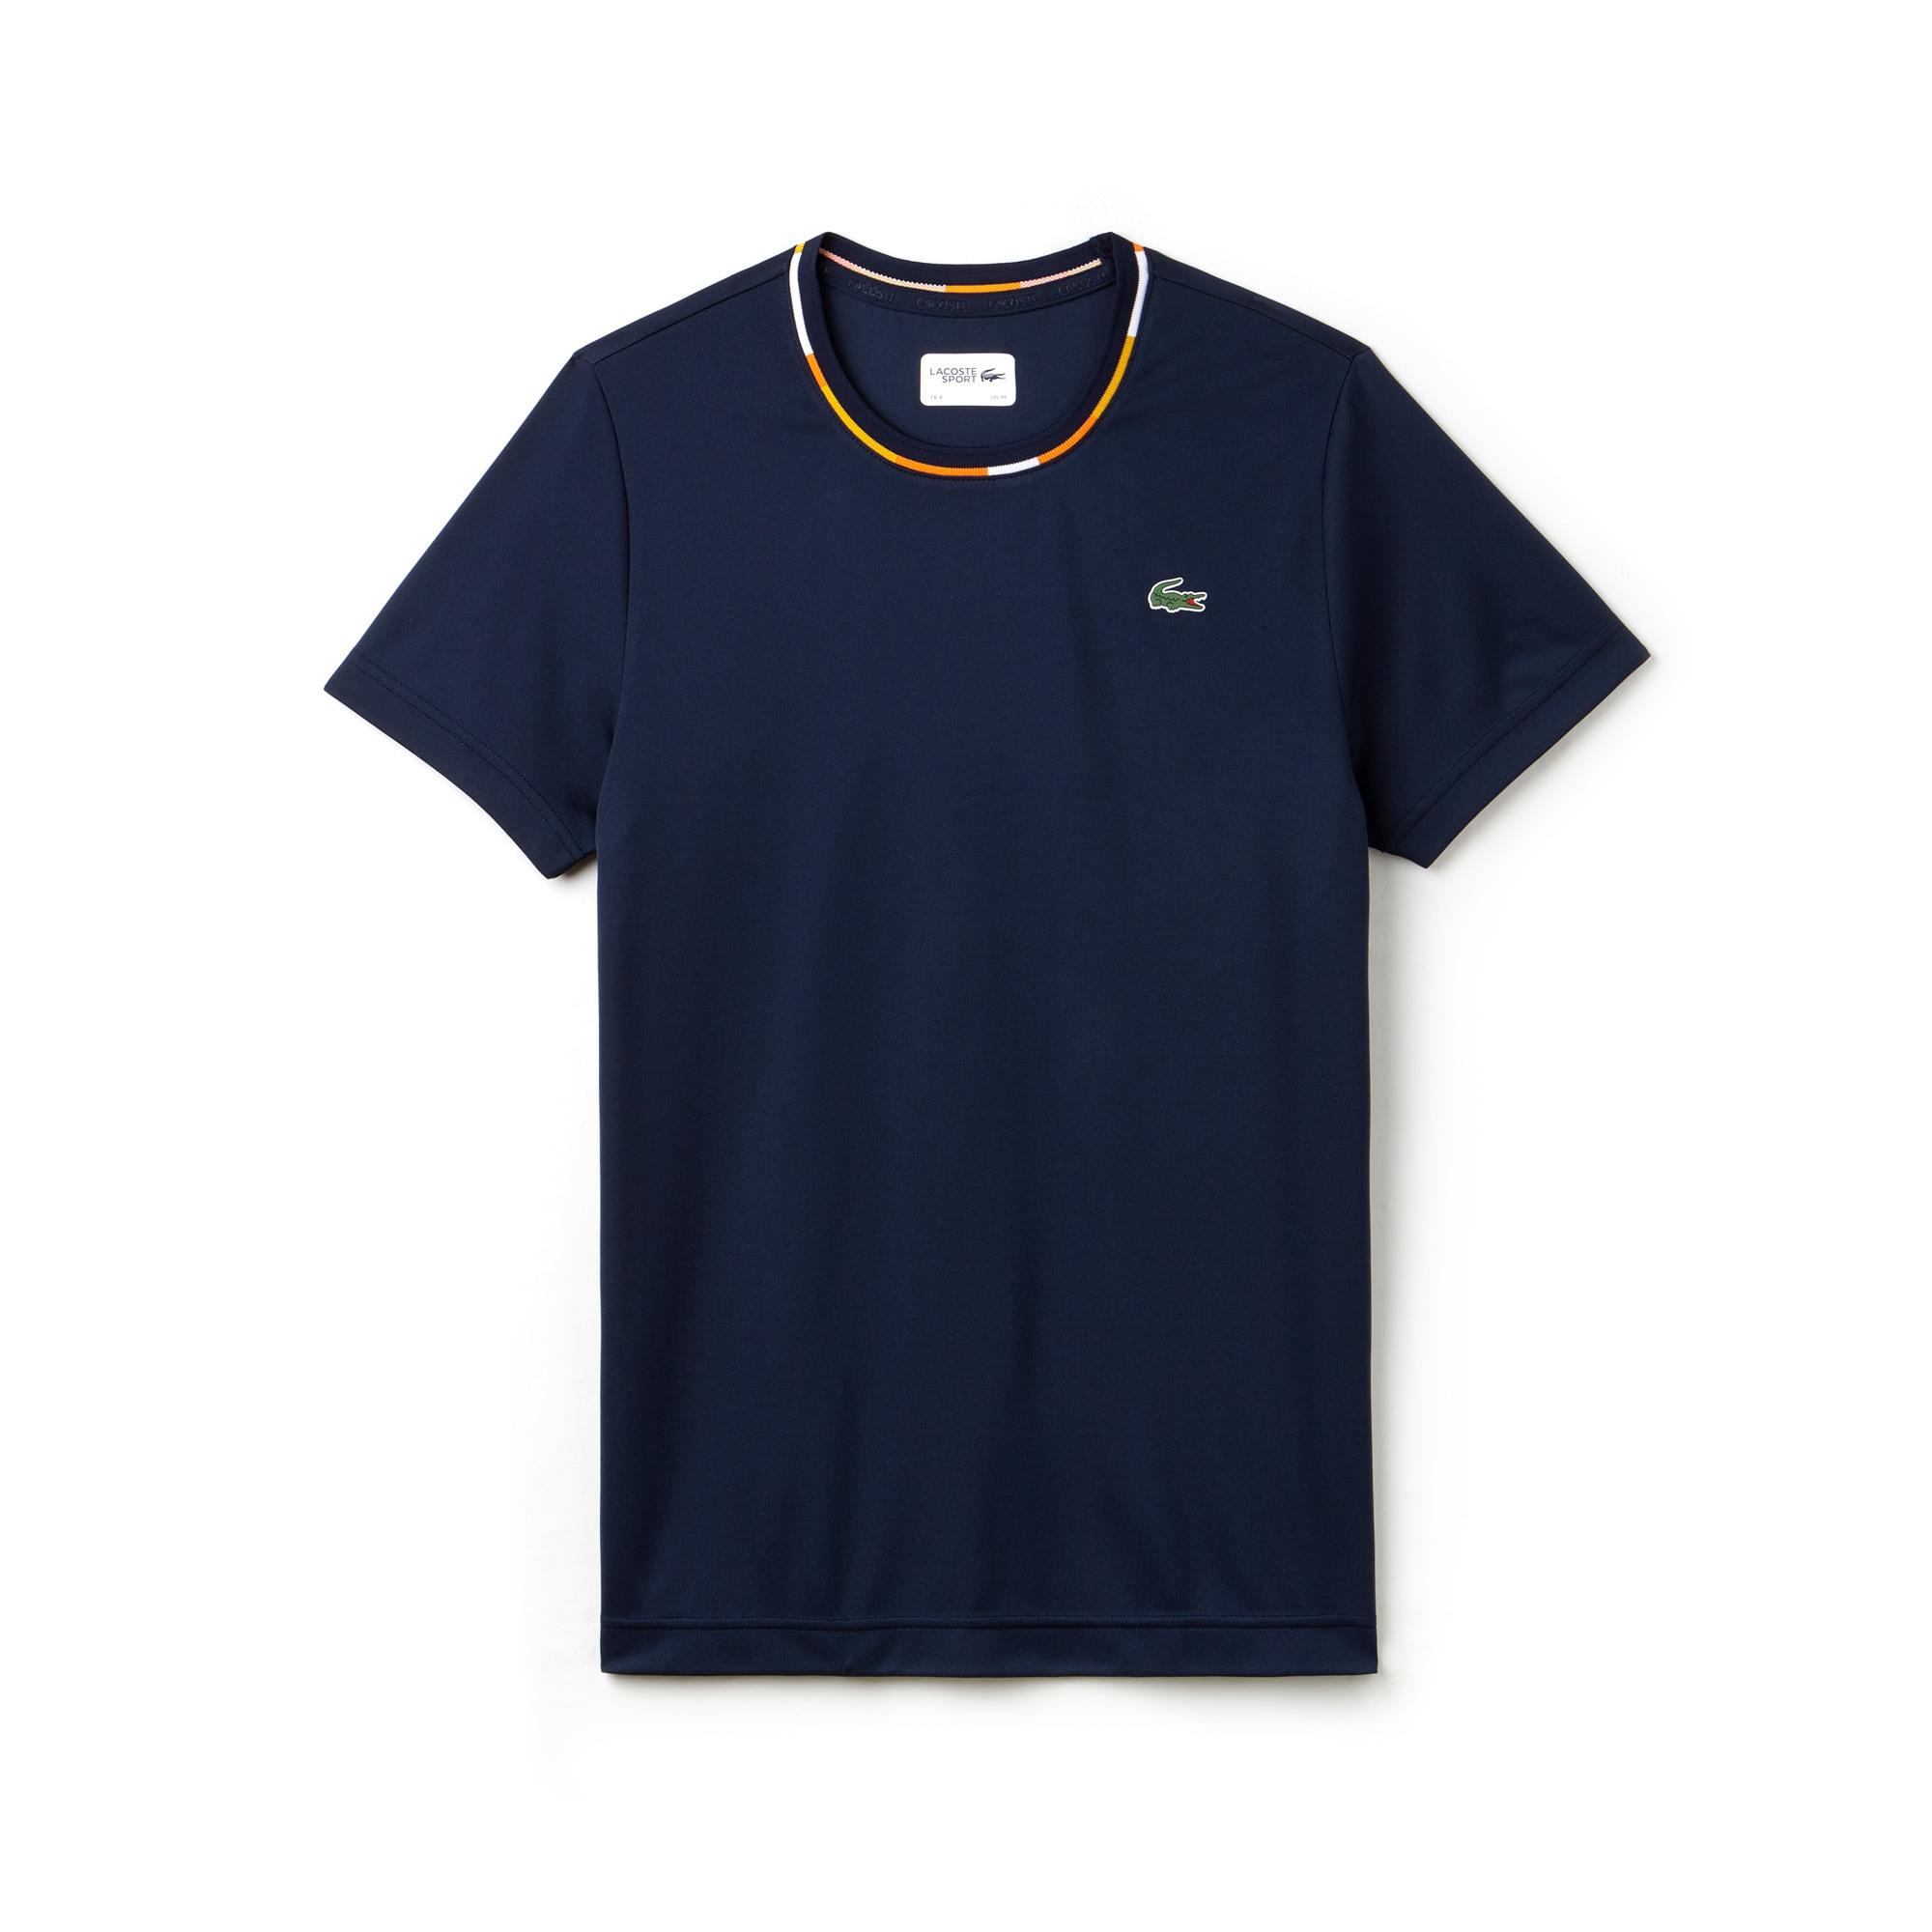 Men's SPORT Jacquard Accents Tech Piqué Tennis T-shirt